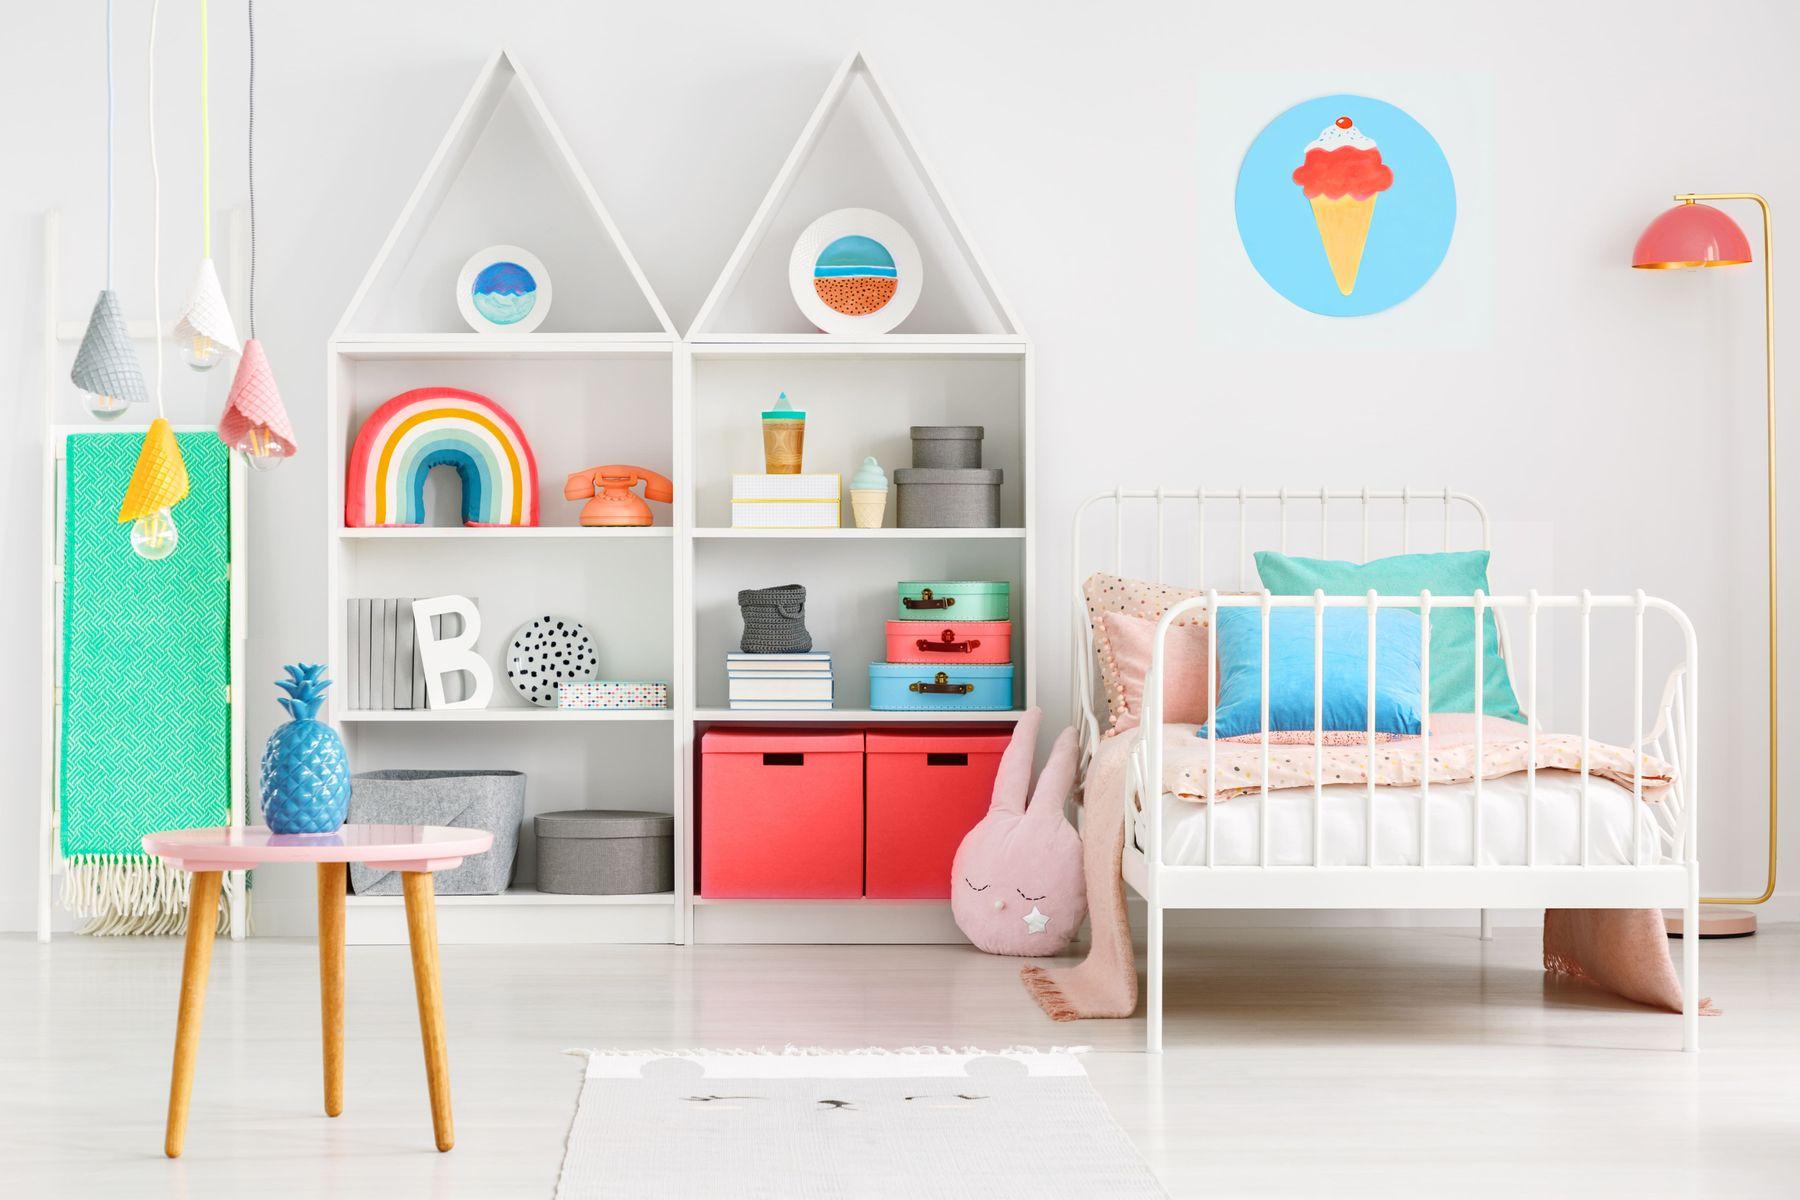 chambre d'enfants avec lit blanc et bibliothèque et objets colorés